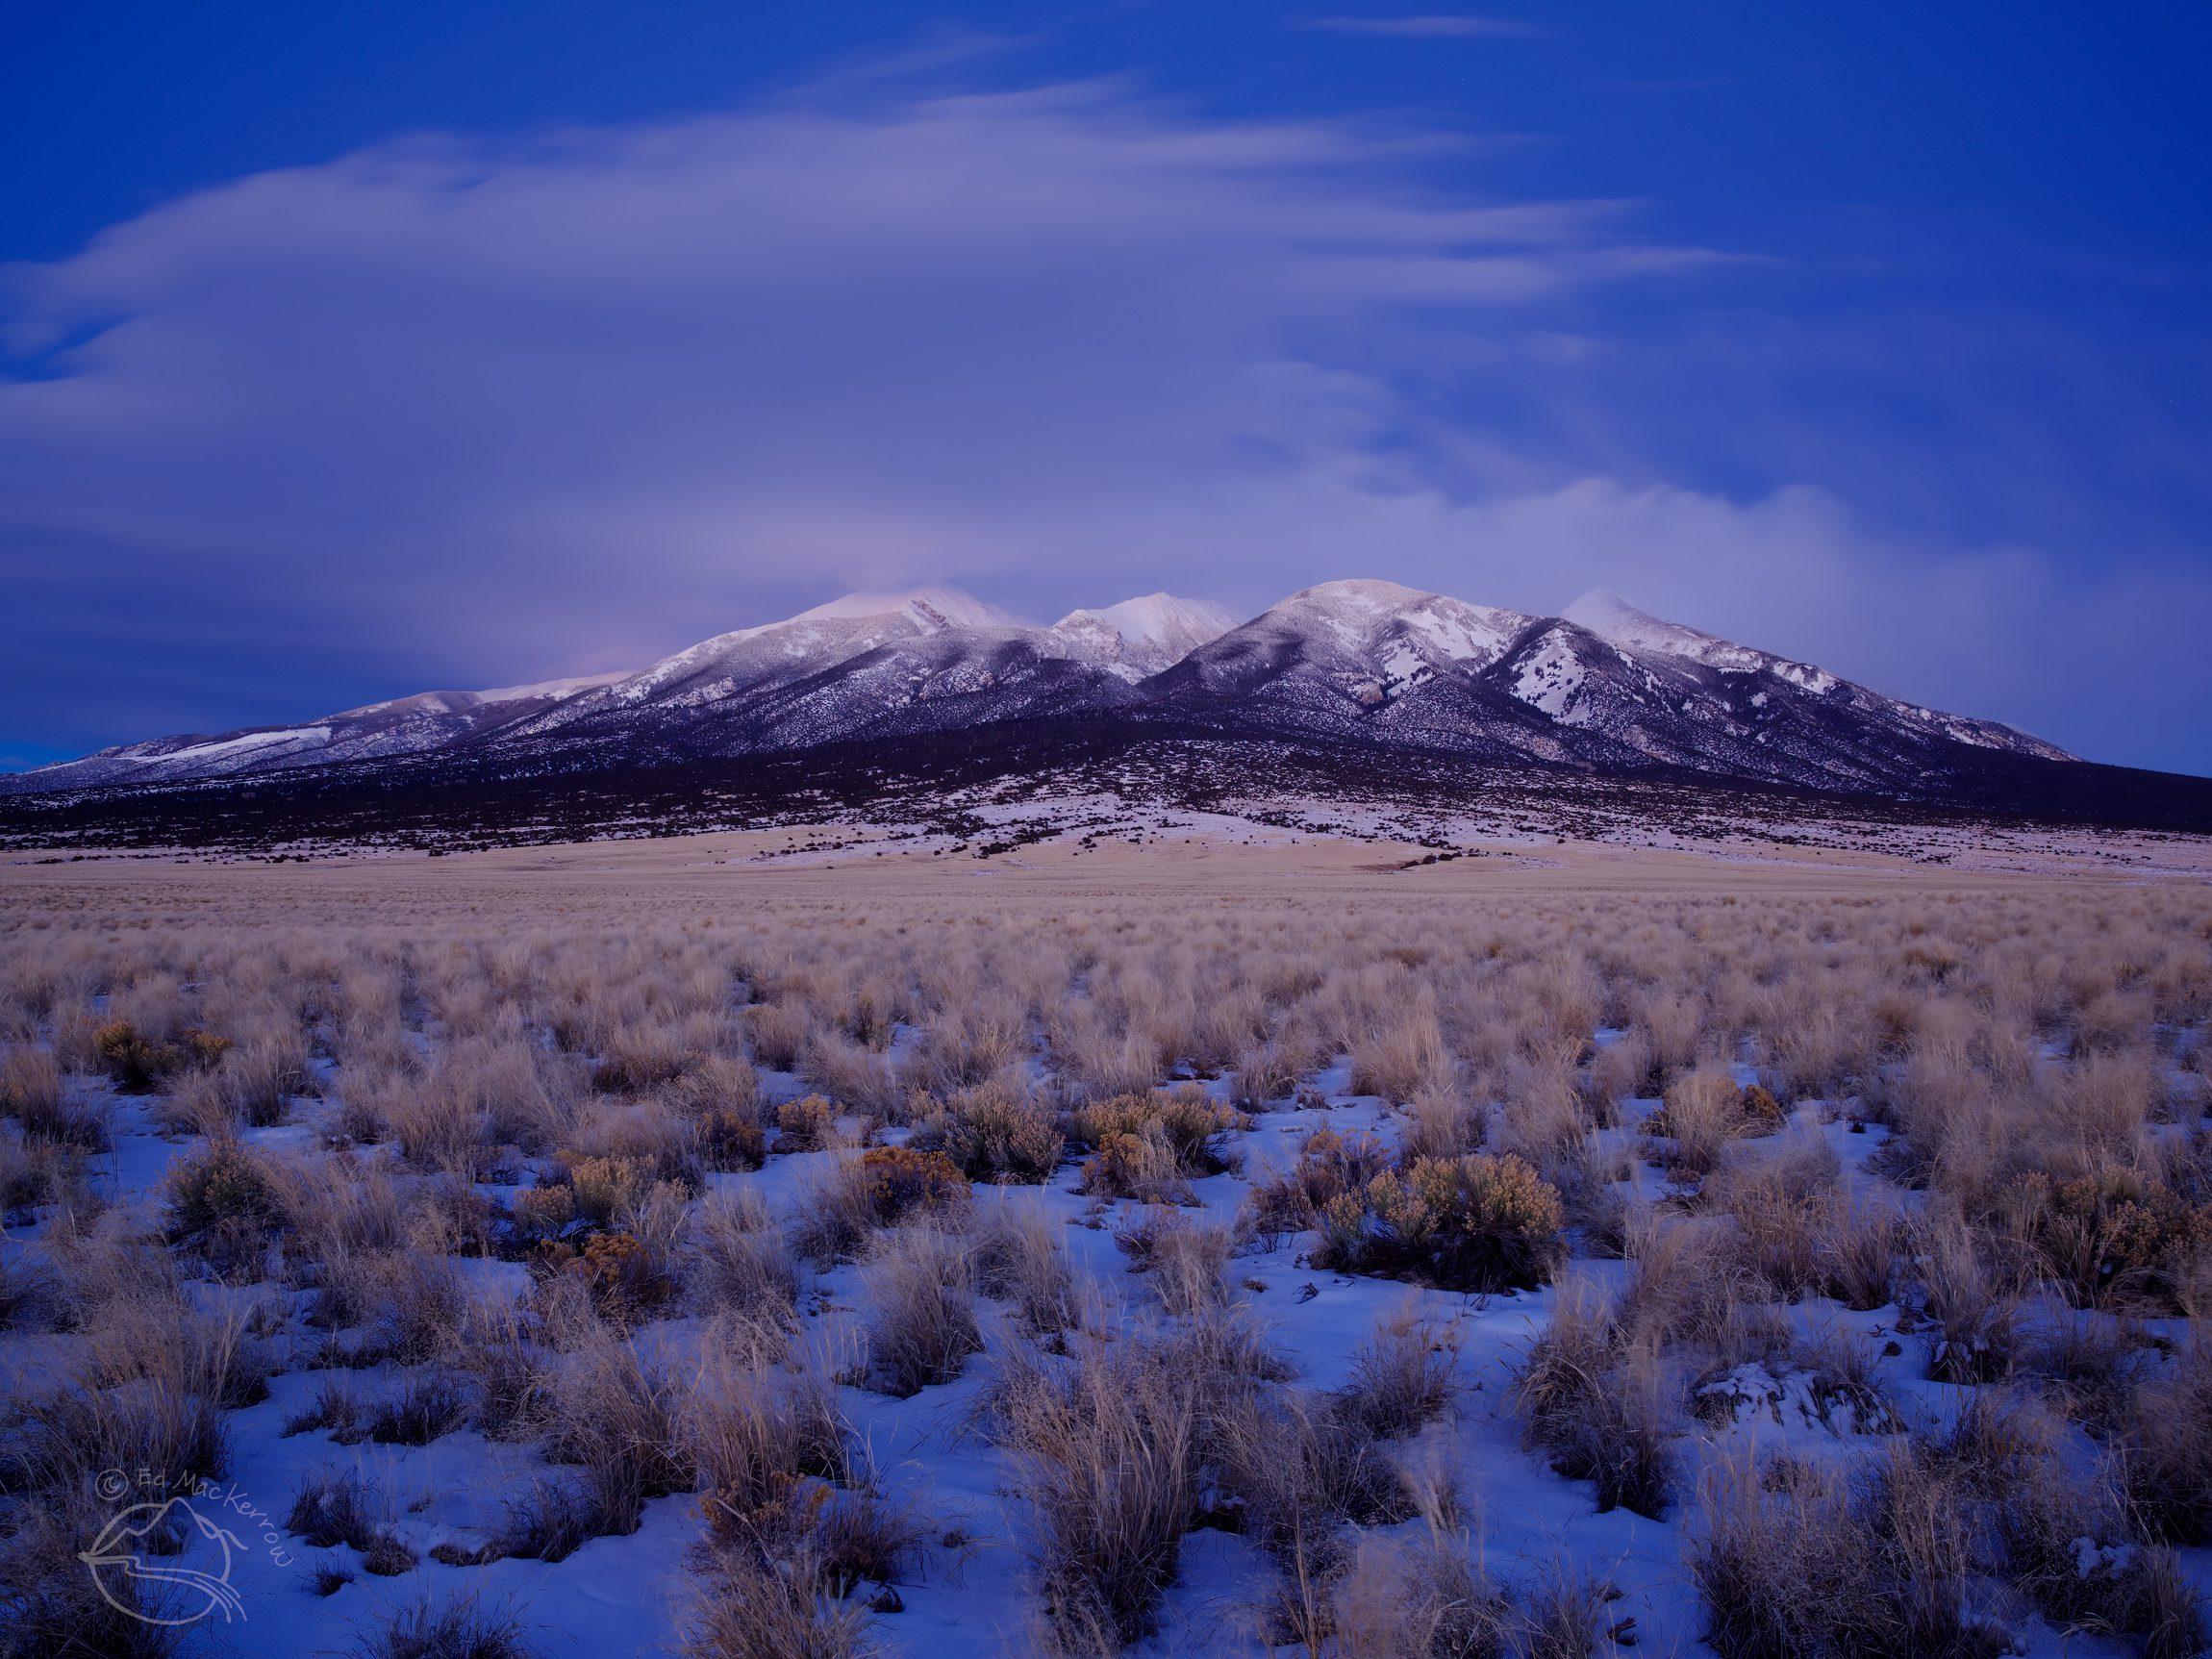 Blanca Peak in the Blue Hour